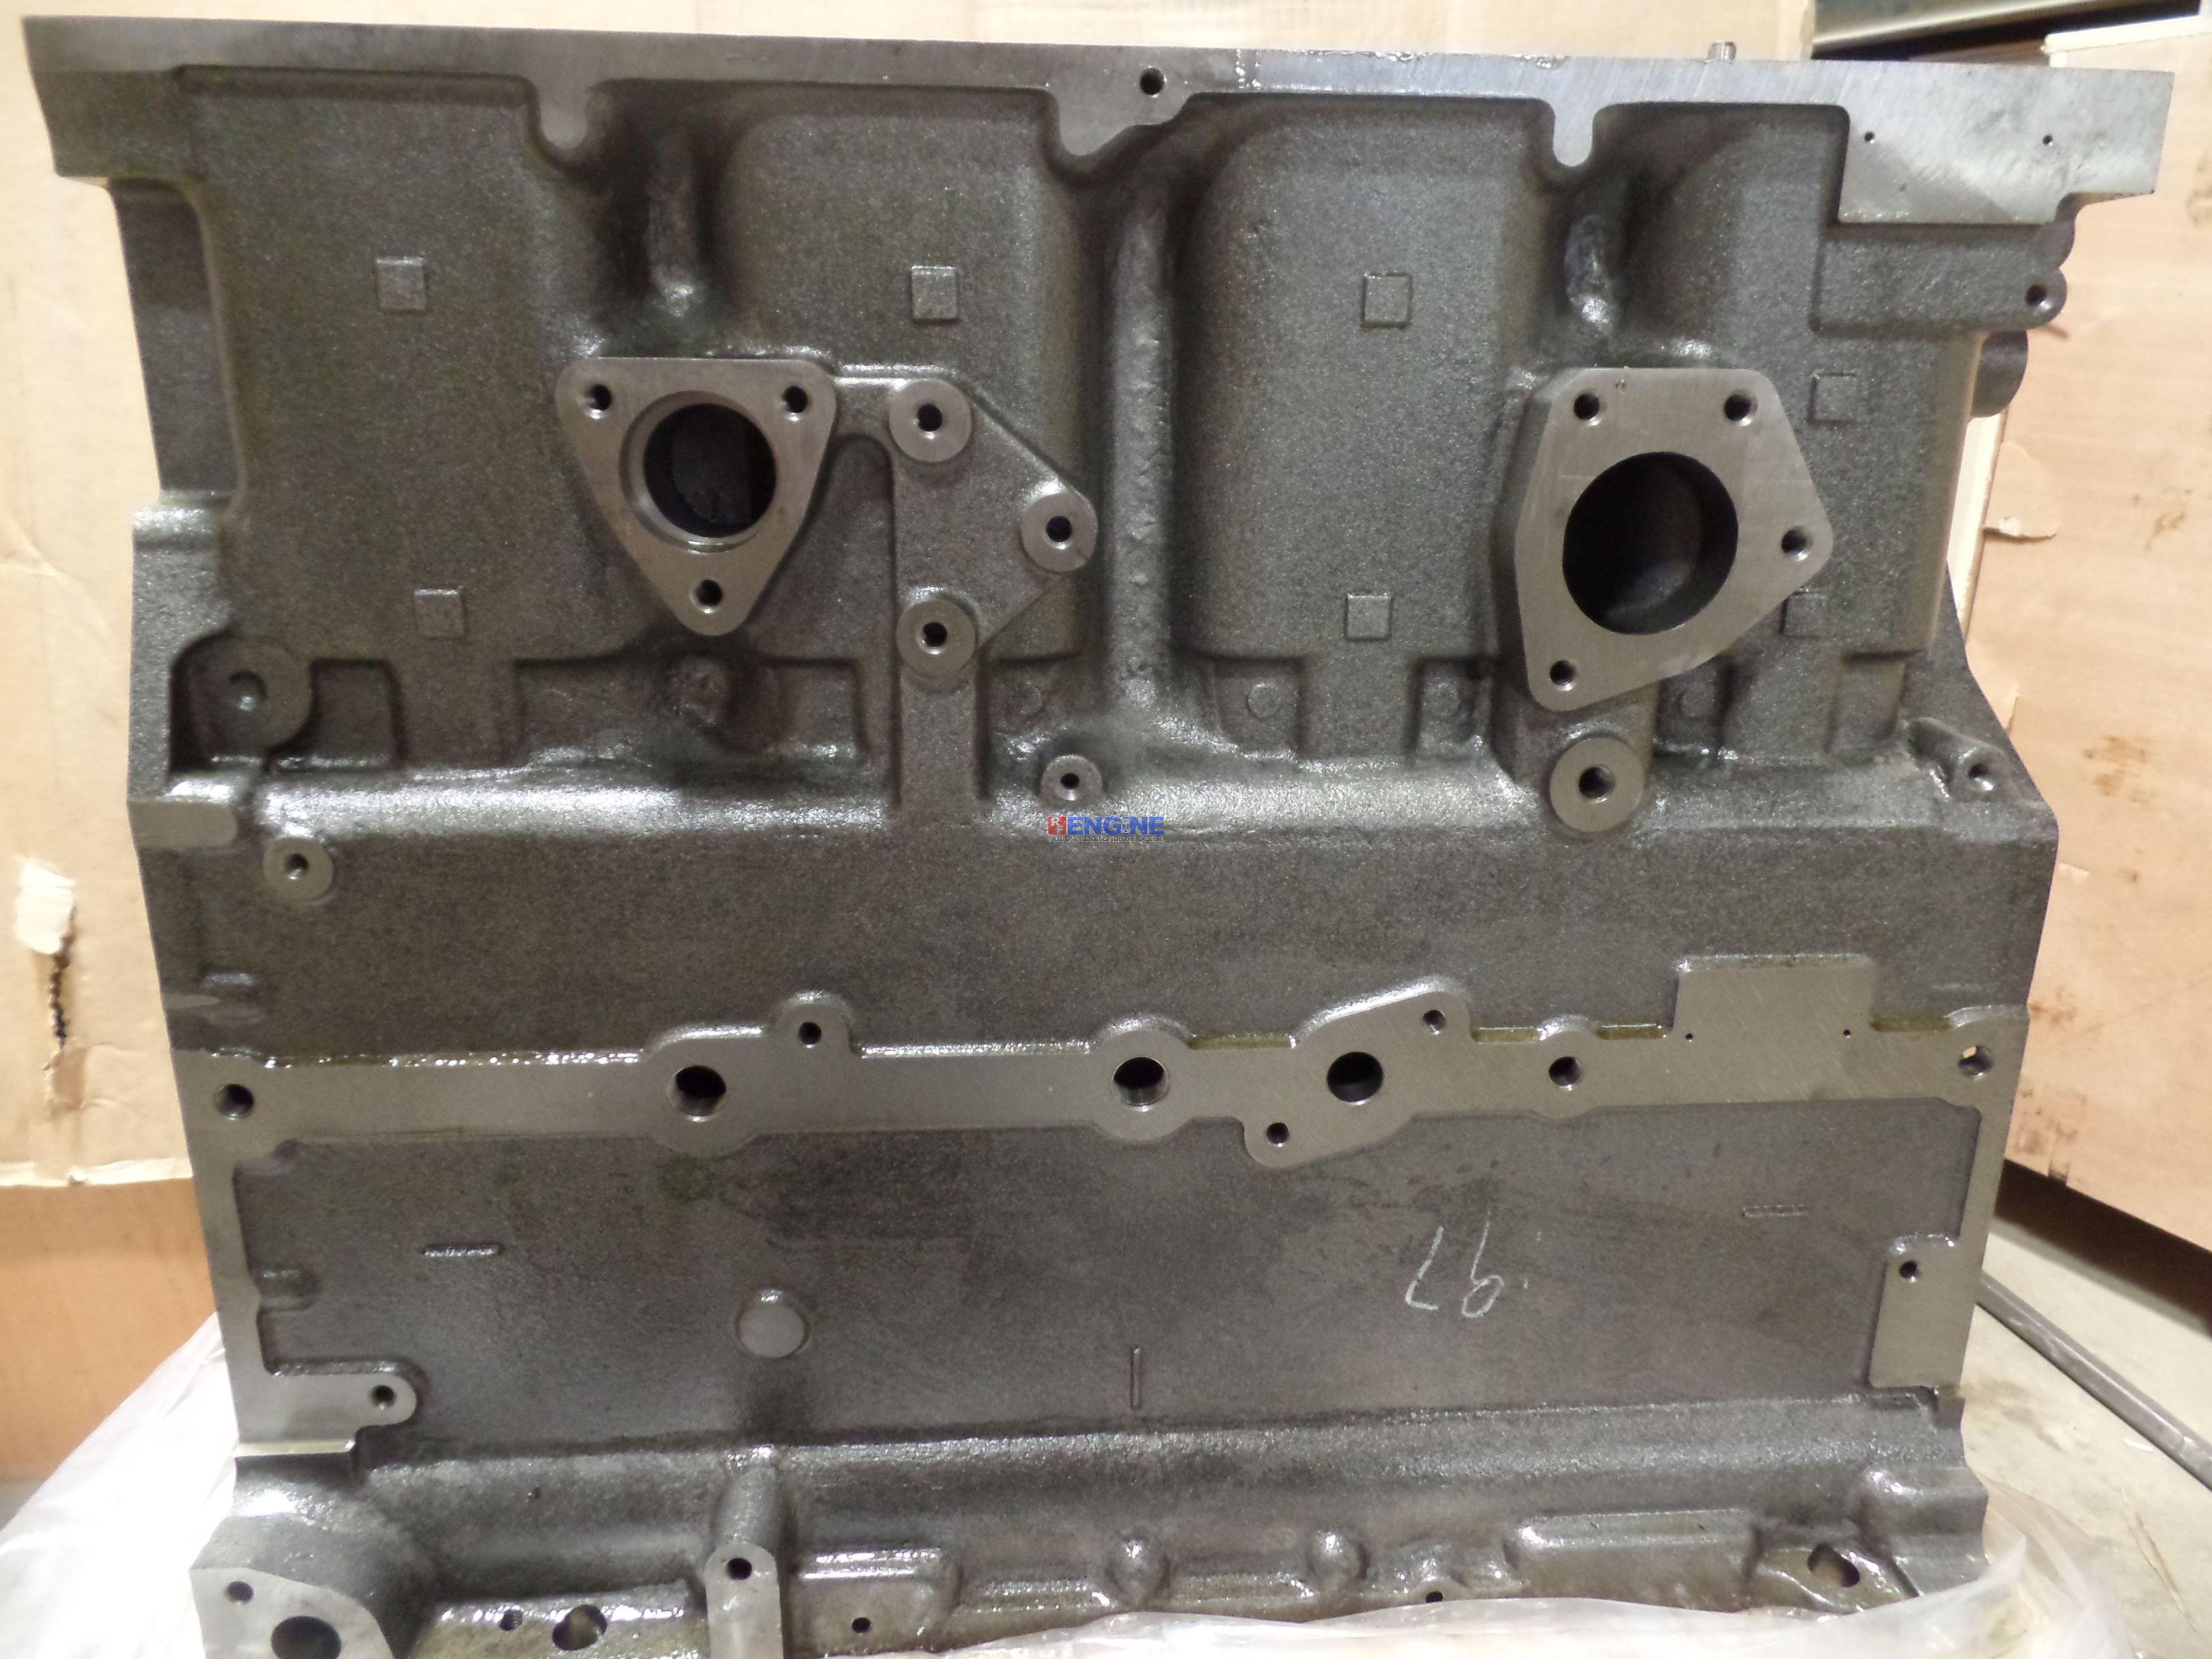 4 of 6 Fits Caterpillar CT 3304 Engine Block New 6N7984, 1N3574, 6N8000,  7N5454, 7N6552